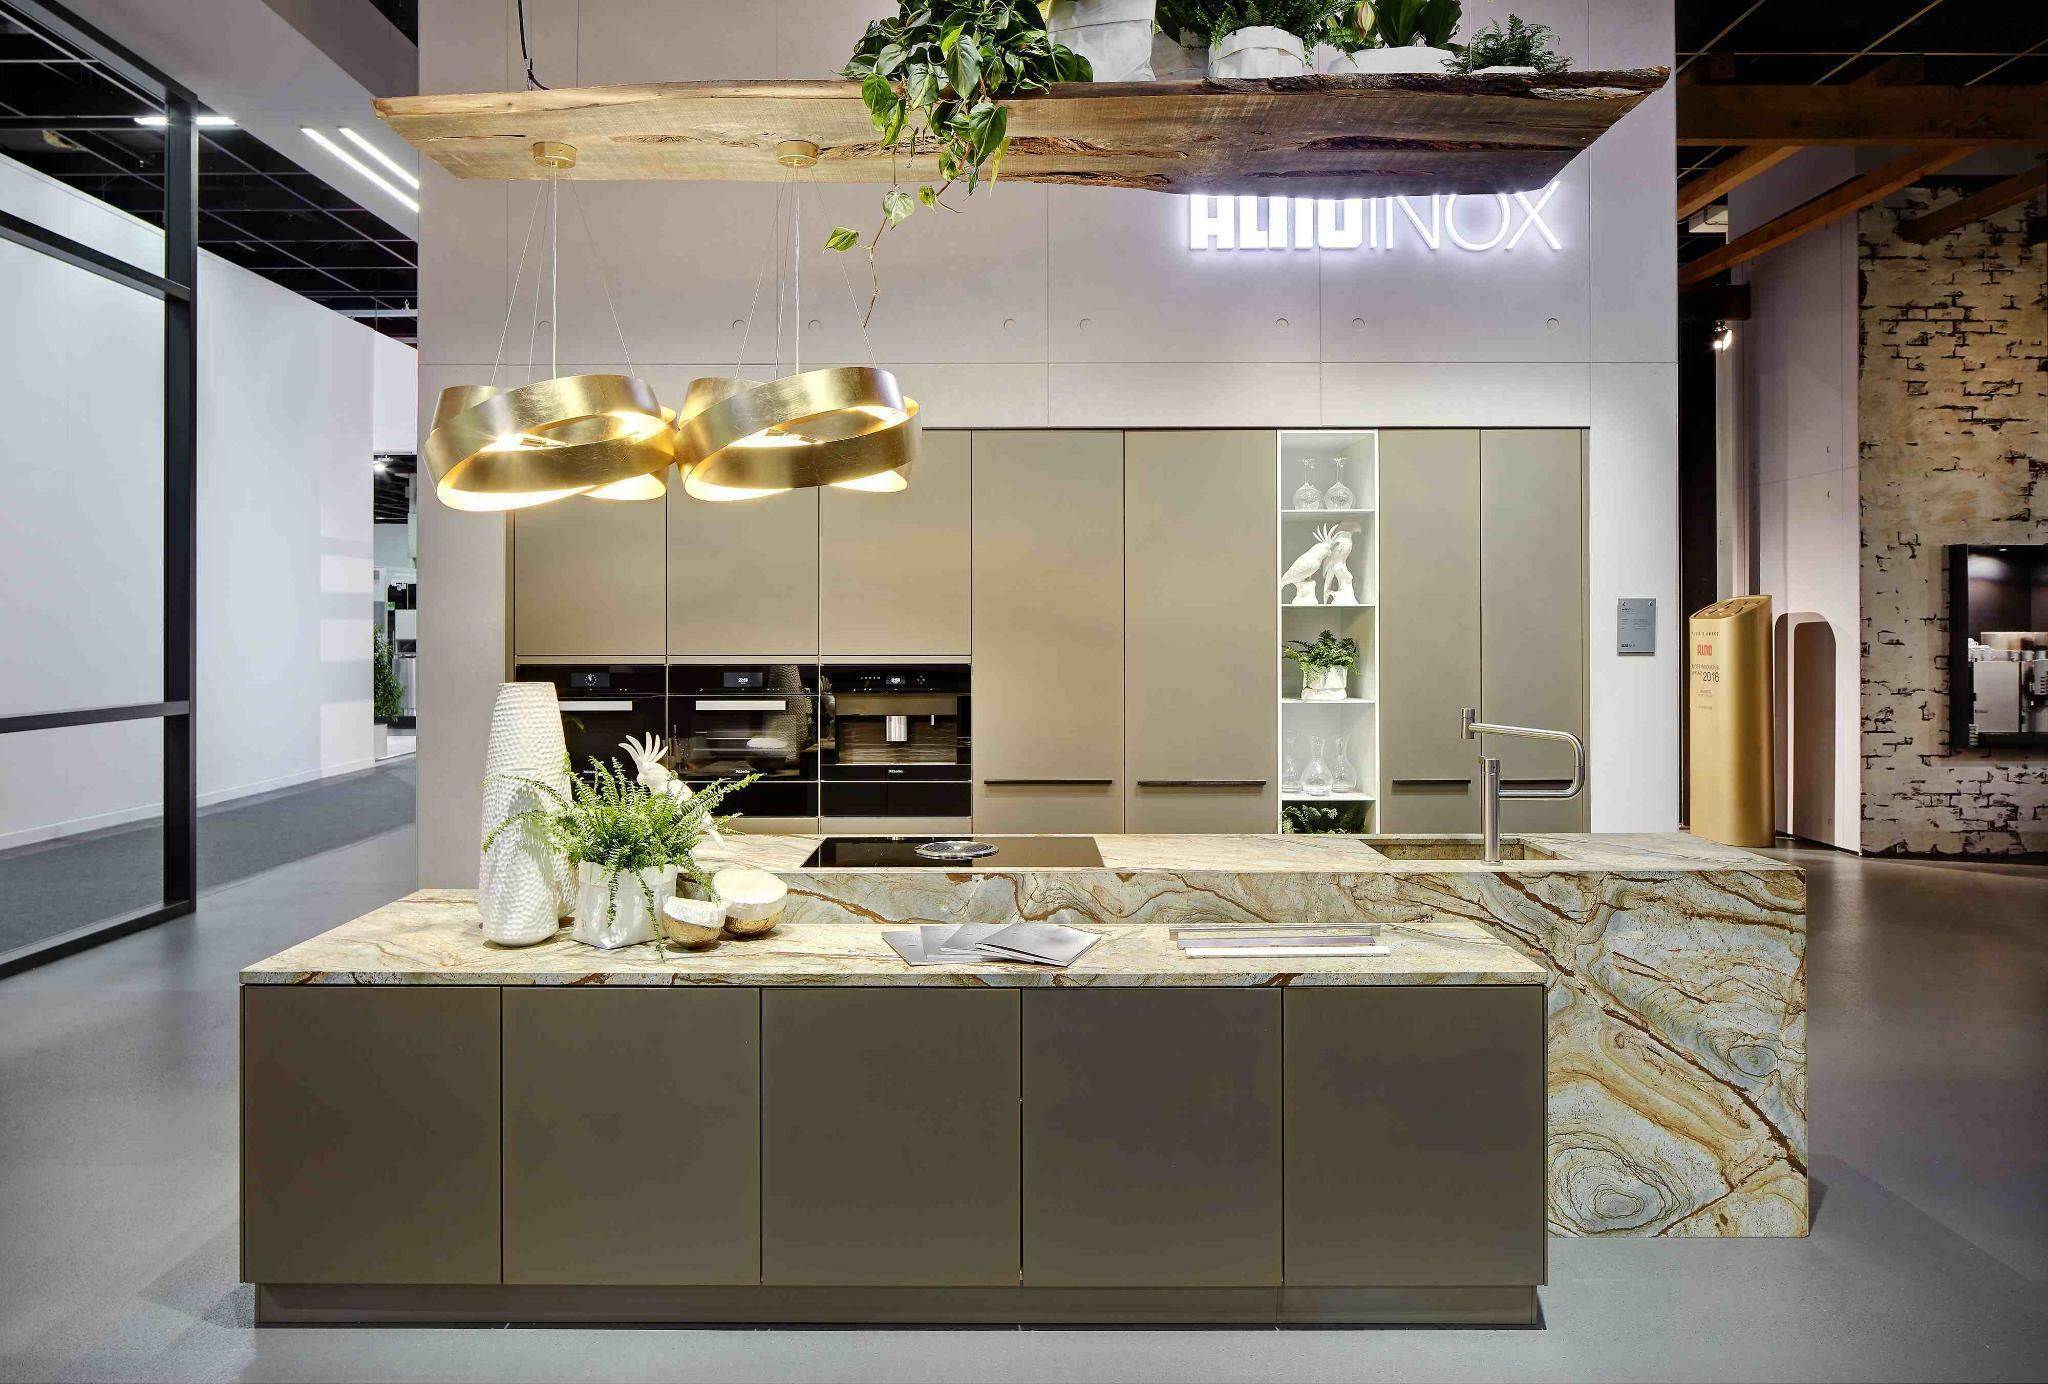 Full Size of Alno Küchen Traditionsmarke Kchenhersteller Ist Insolvent Wirtschaft Regal Küche Wohnzimmer Alno Küchen